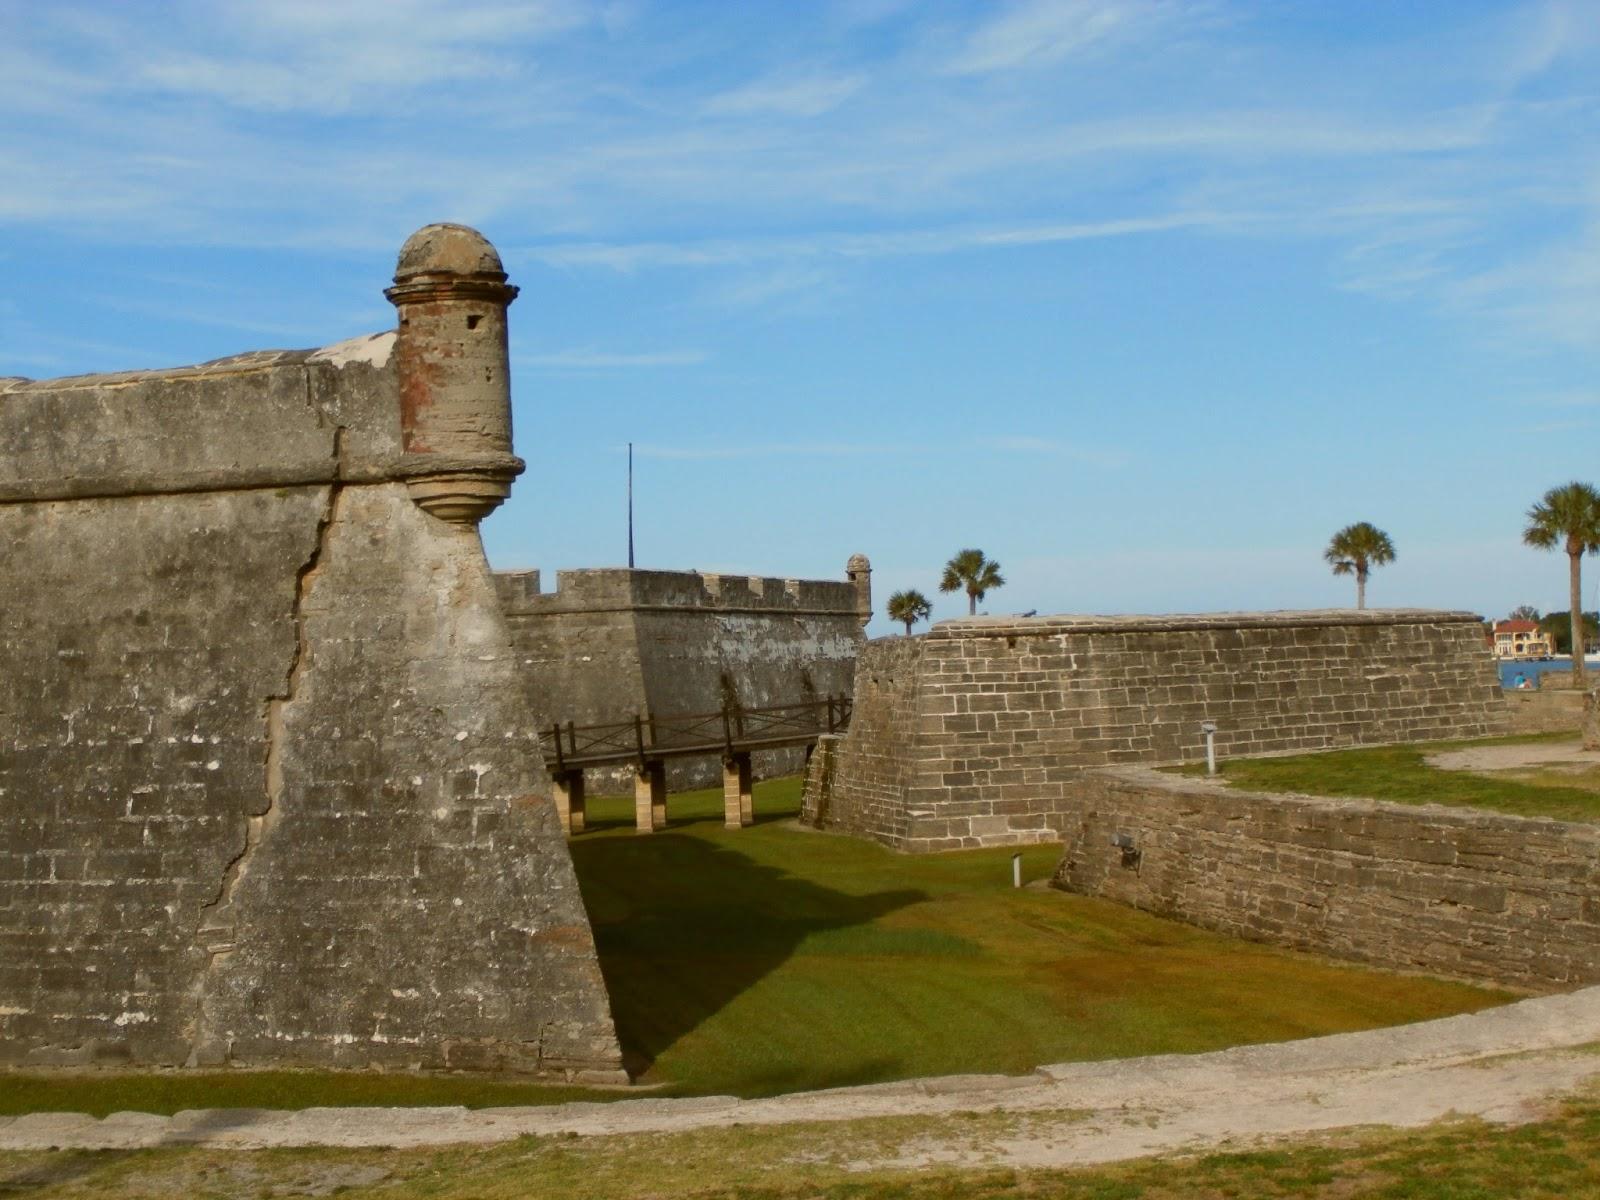 Castillo De San Marcos Glorious Dei A Go 29 176 53 39 N